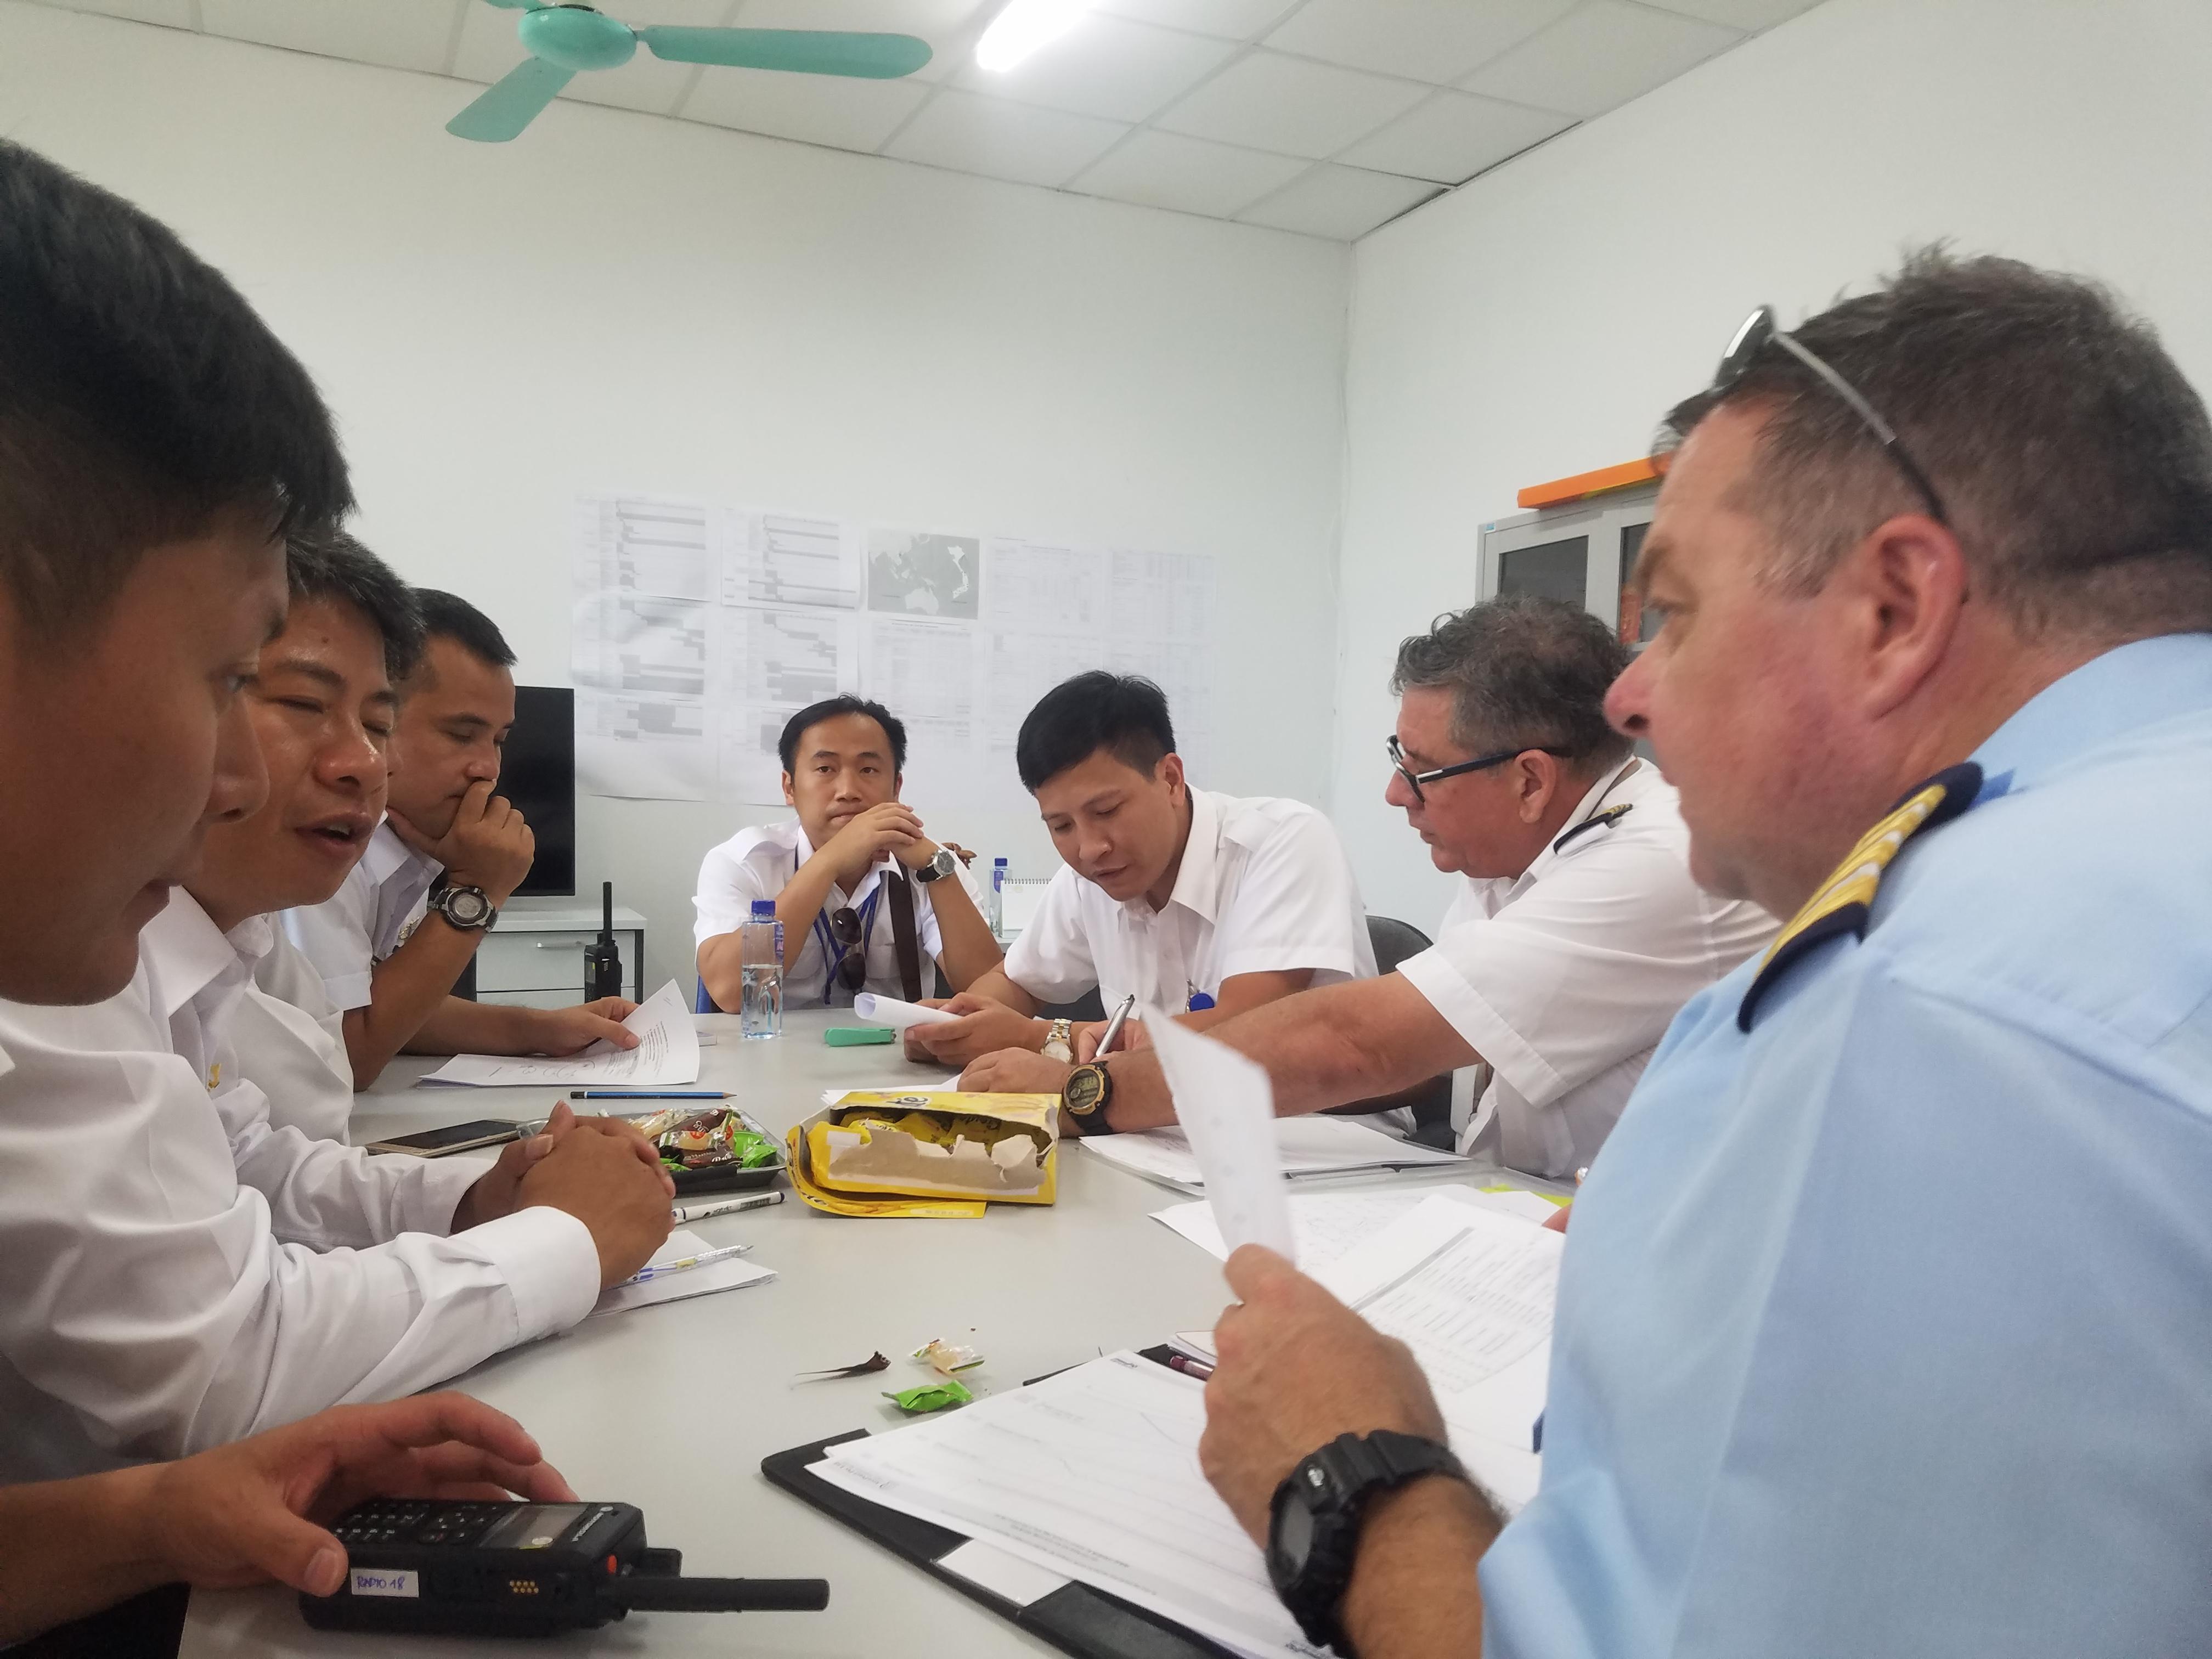 Công ty TNHH Kỹ thuật quản lý bay hoàn thành công tác bay kiểm tra hiệu chuẩn các thiết bị dẫn đường tại Cảng hàng không quốc tế Vân Đồn